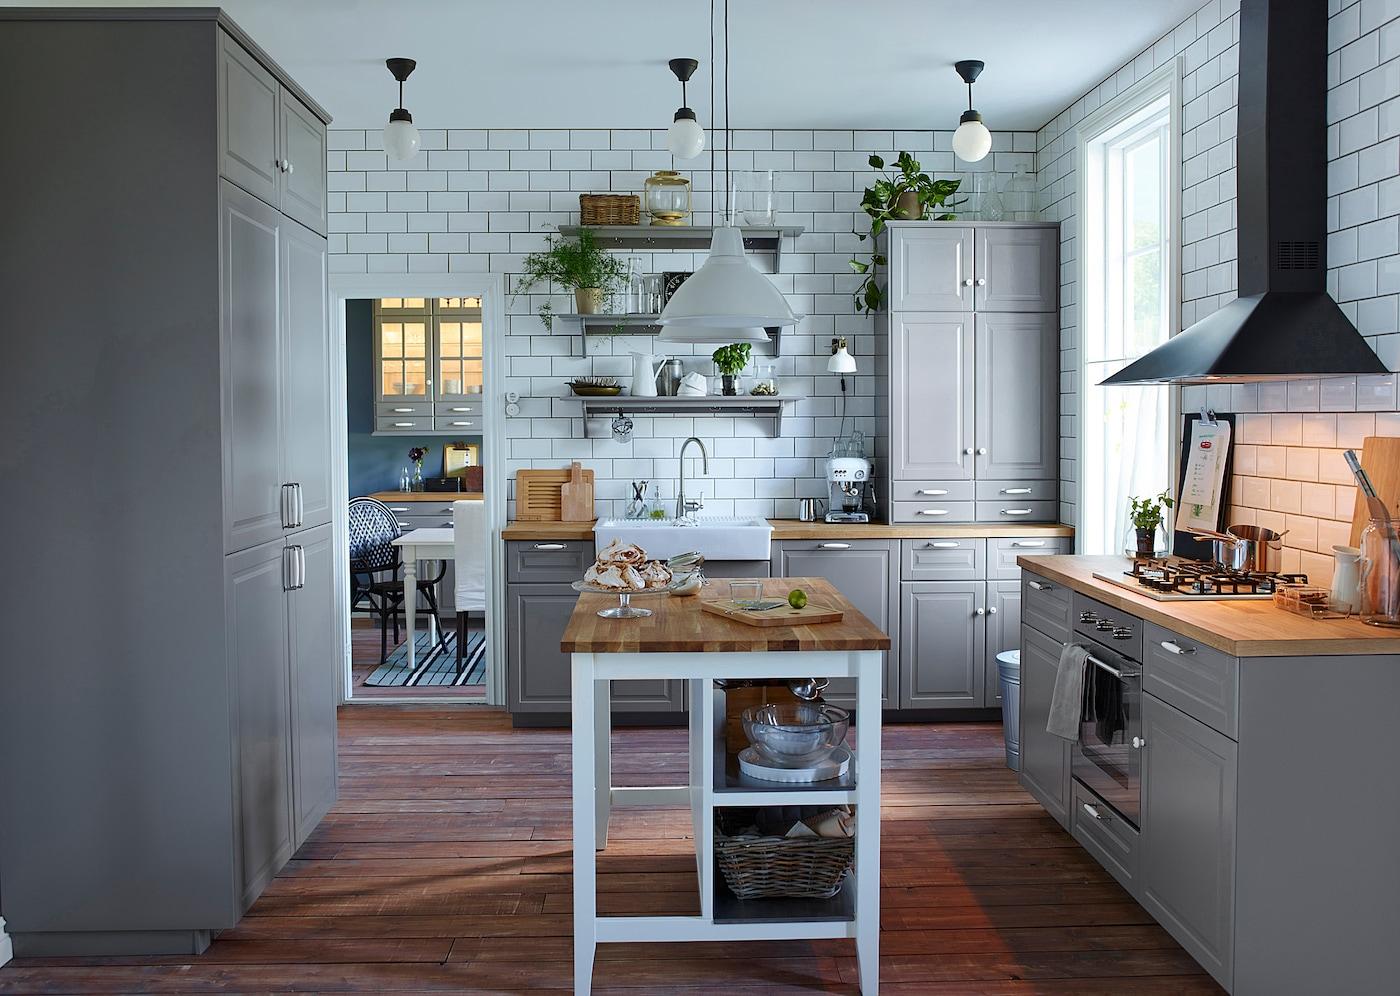 Кухня в скандинавском стиле – минимализм и практичность для вашего комфорта